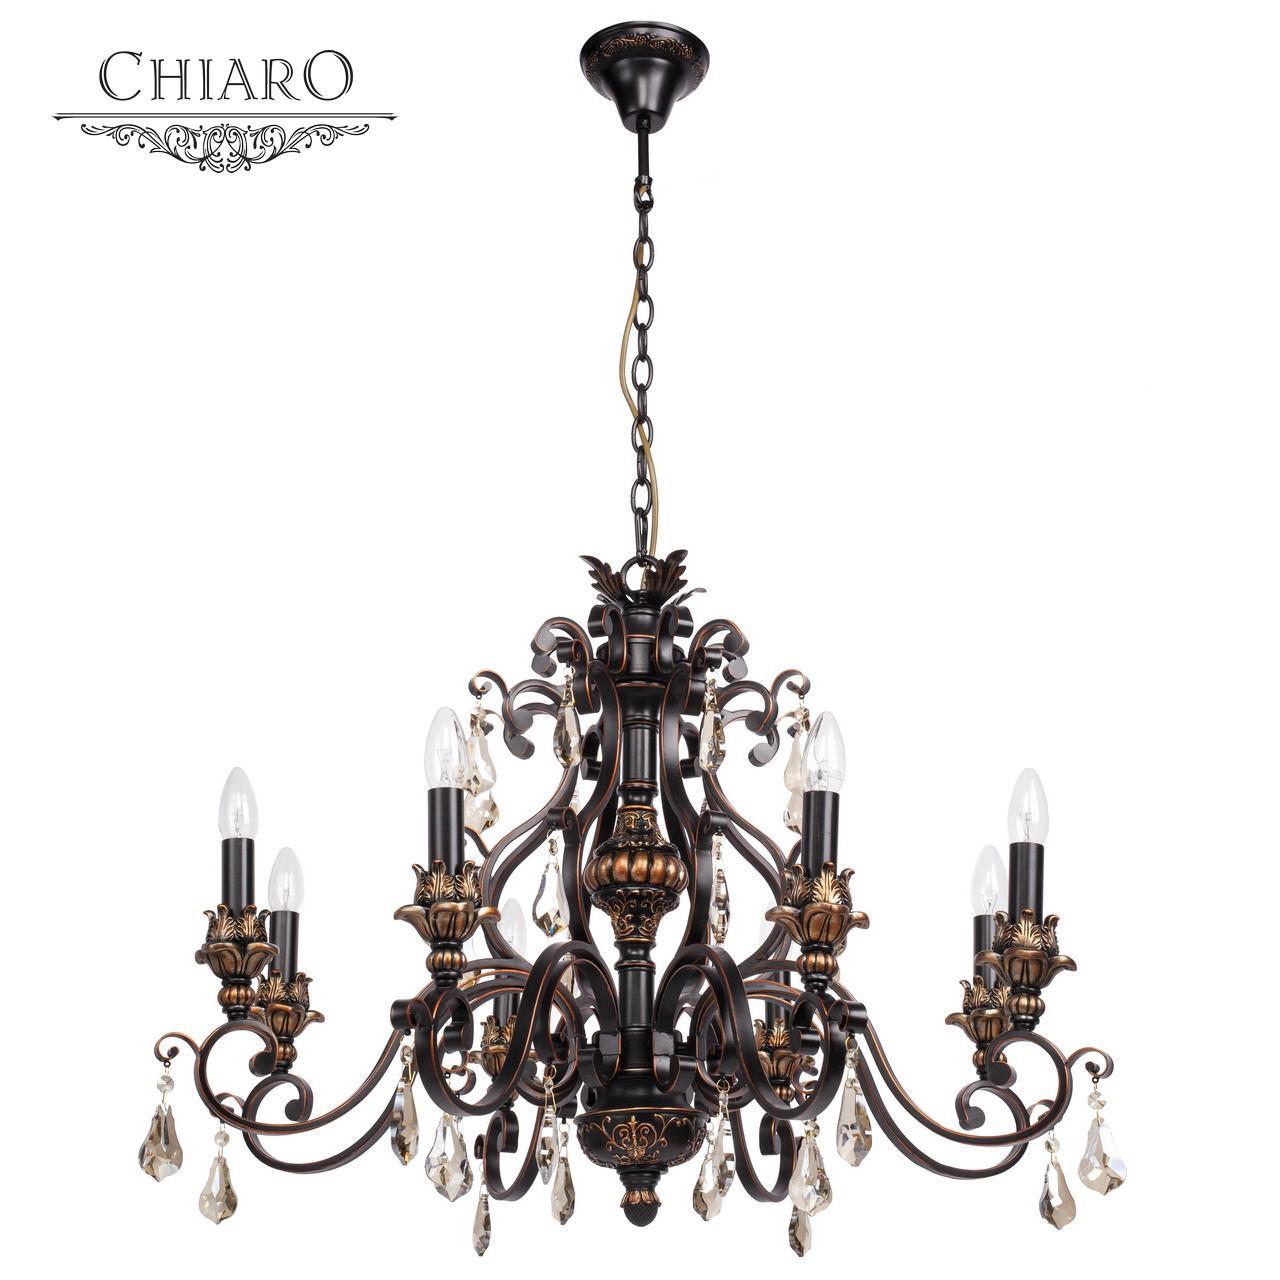 Люстра Chiaro Версаче 254018608 подвесная chiaro подвесная люстра версаче 2 254015706